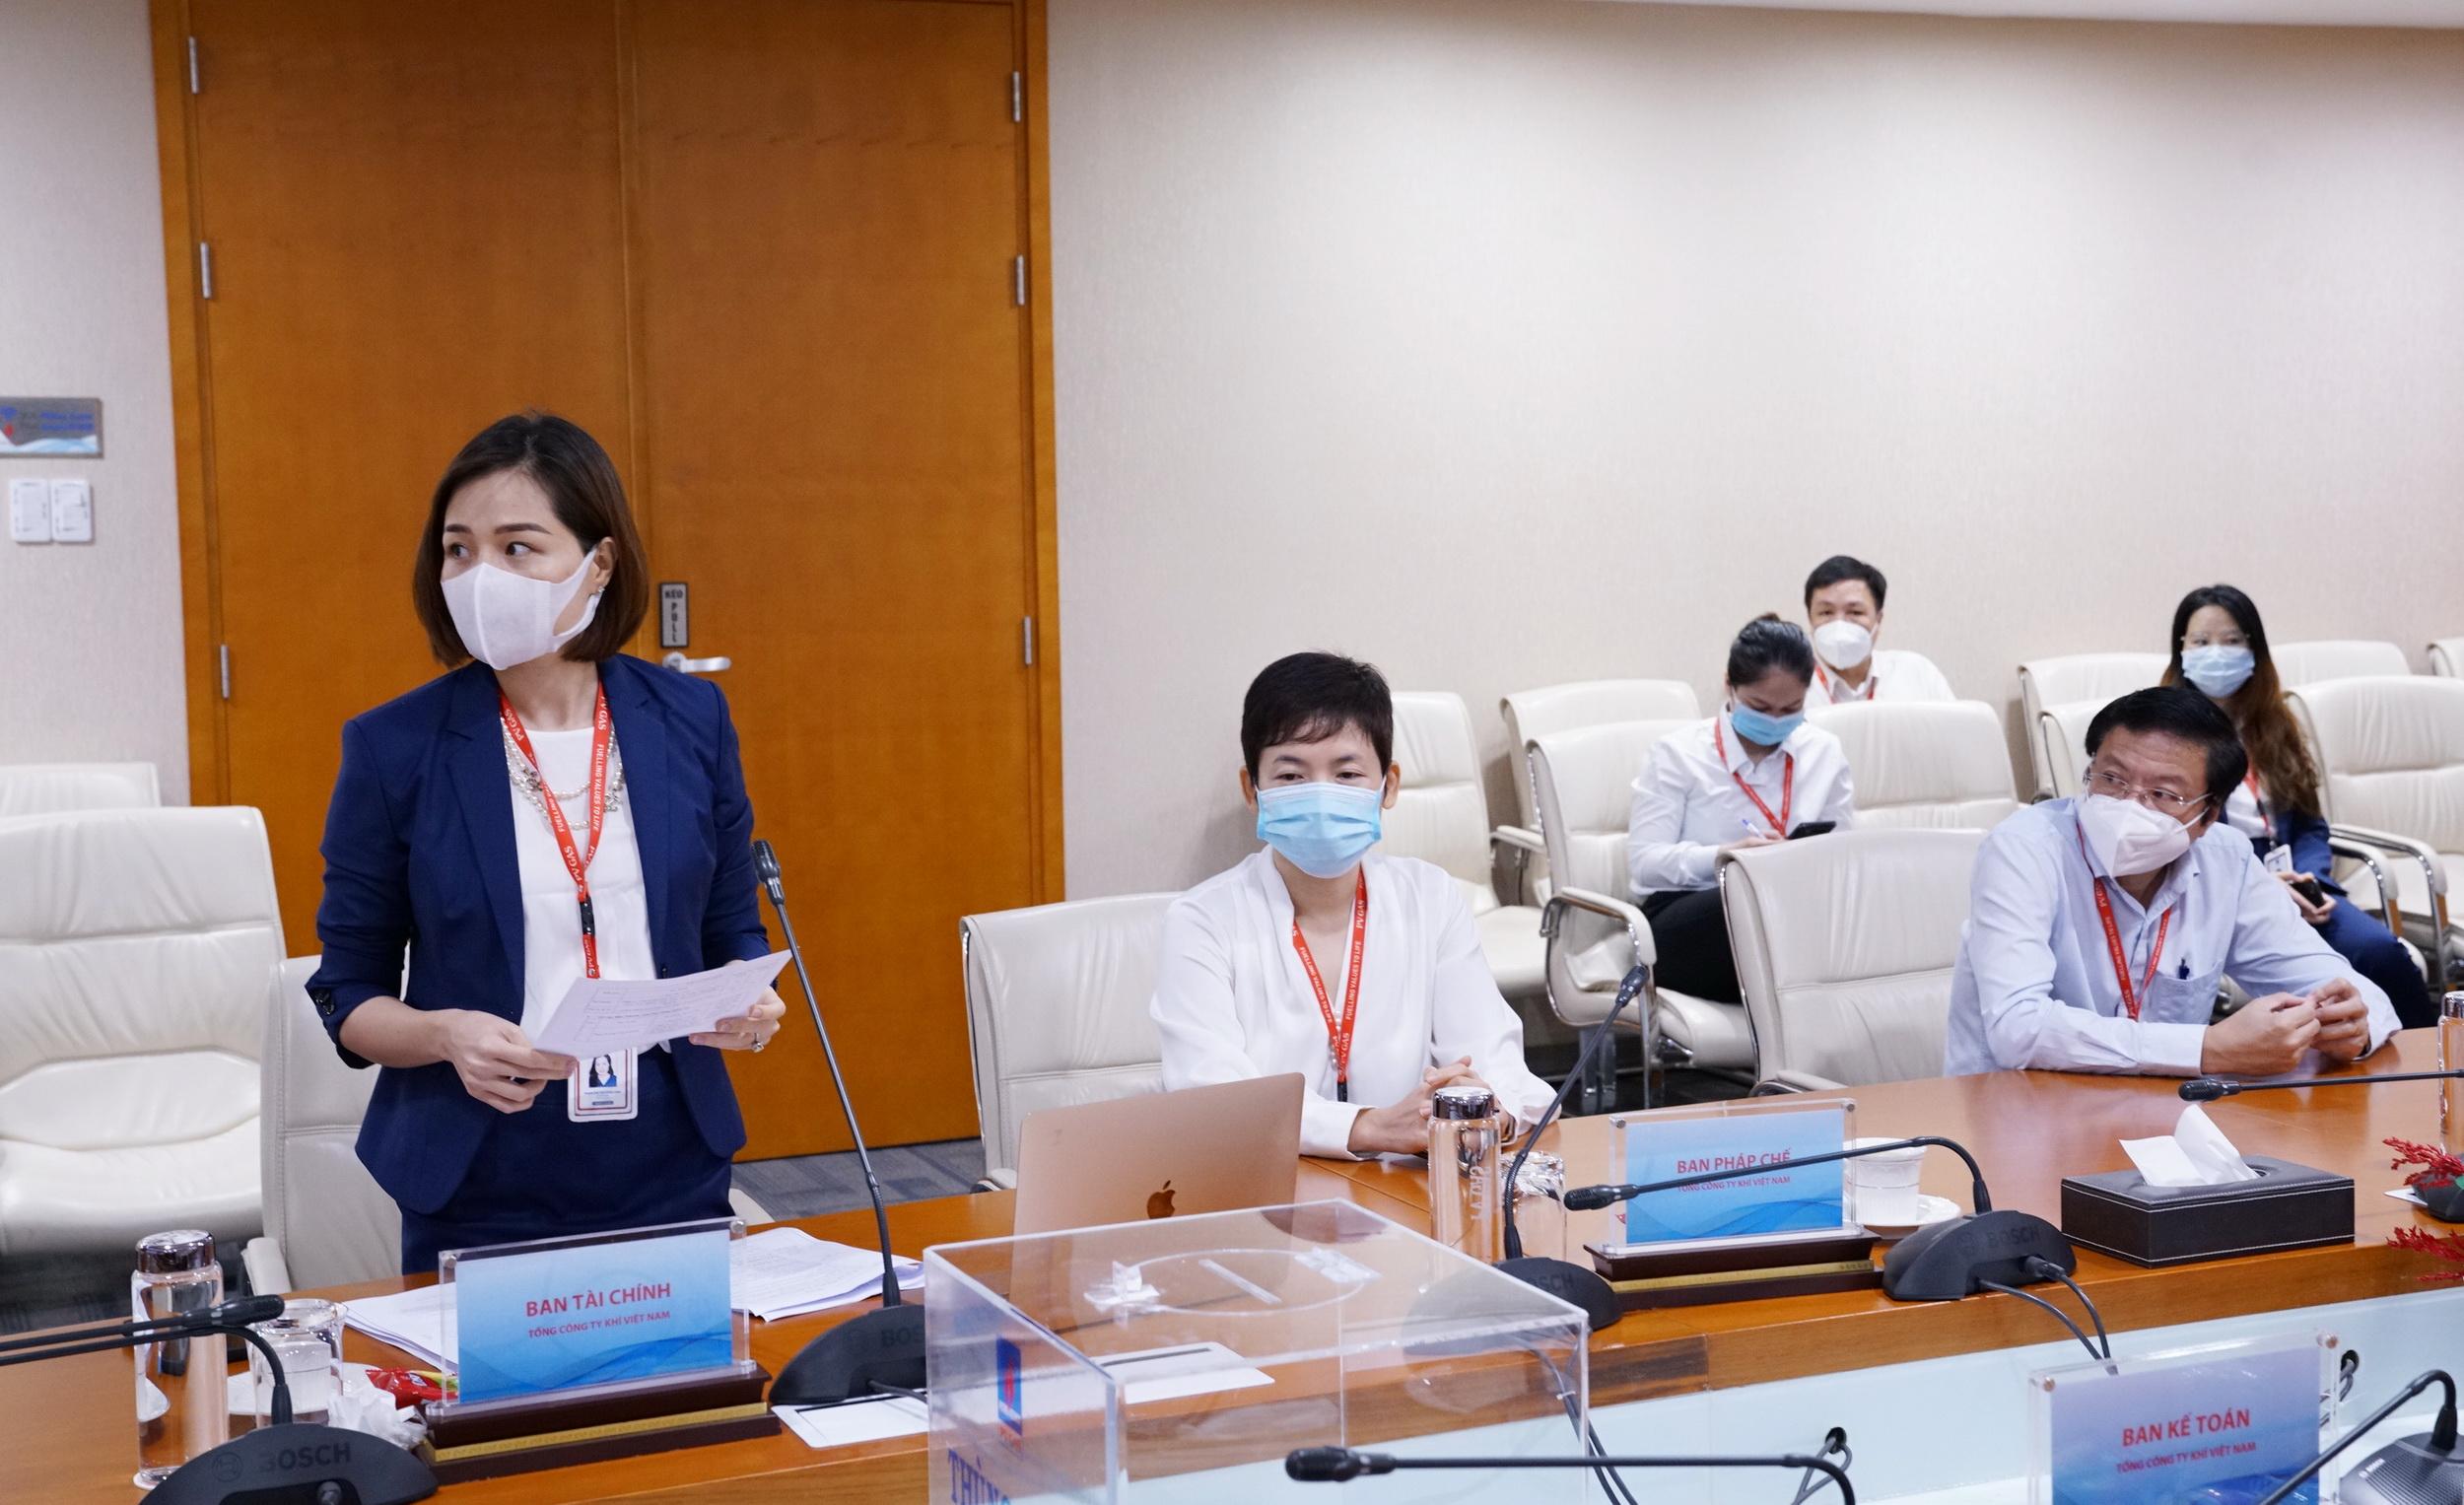 Ban Kiểm phiếu báo cáo HĐQT trong cuộc họp trực tuyến:96,85% tổng số cổ phiếu có quyền biểu quyết đã tán thành 3 nội dung lấy ý kiến ĐHĐCĐ